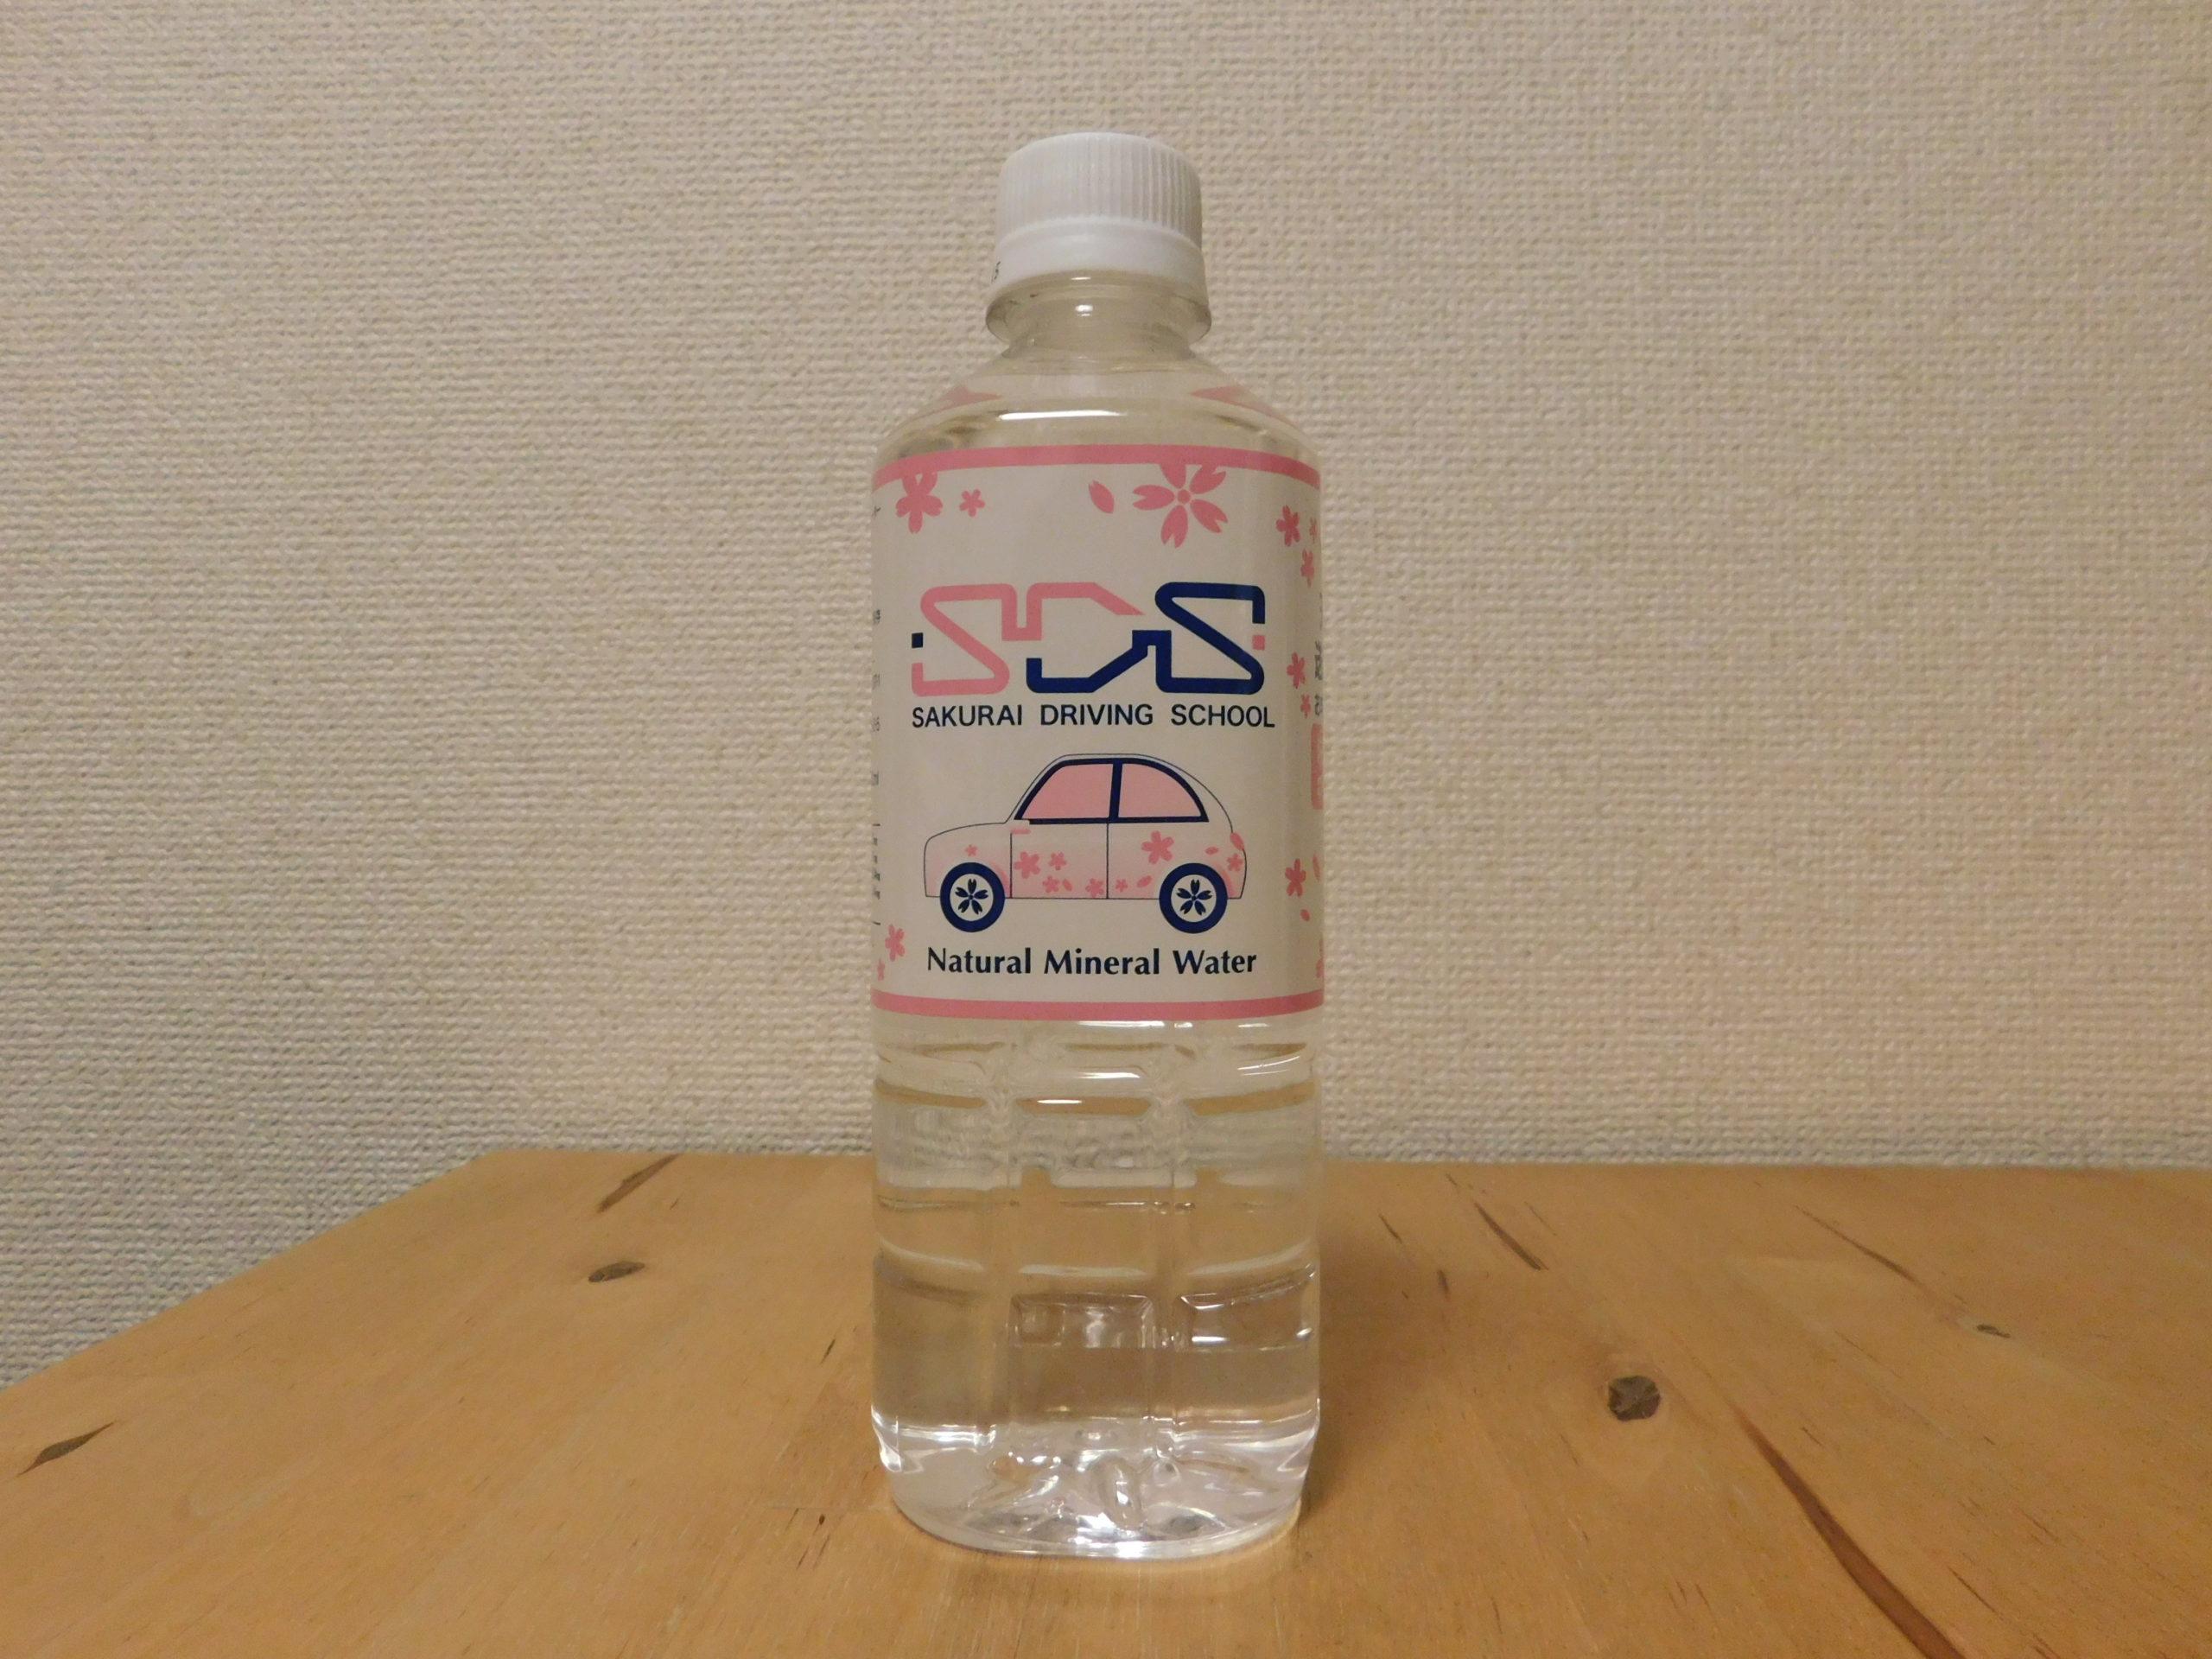 桜井自動車教習所 浜田市 ミネラルウォーター